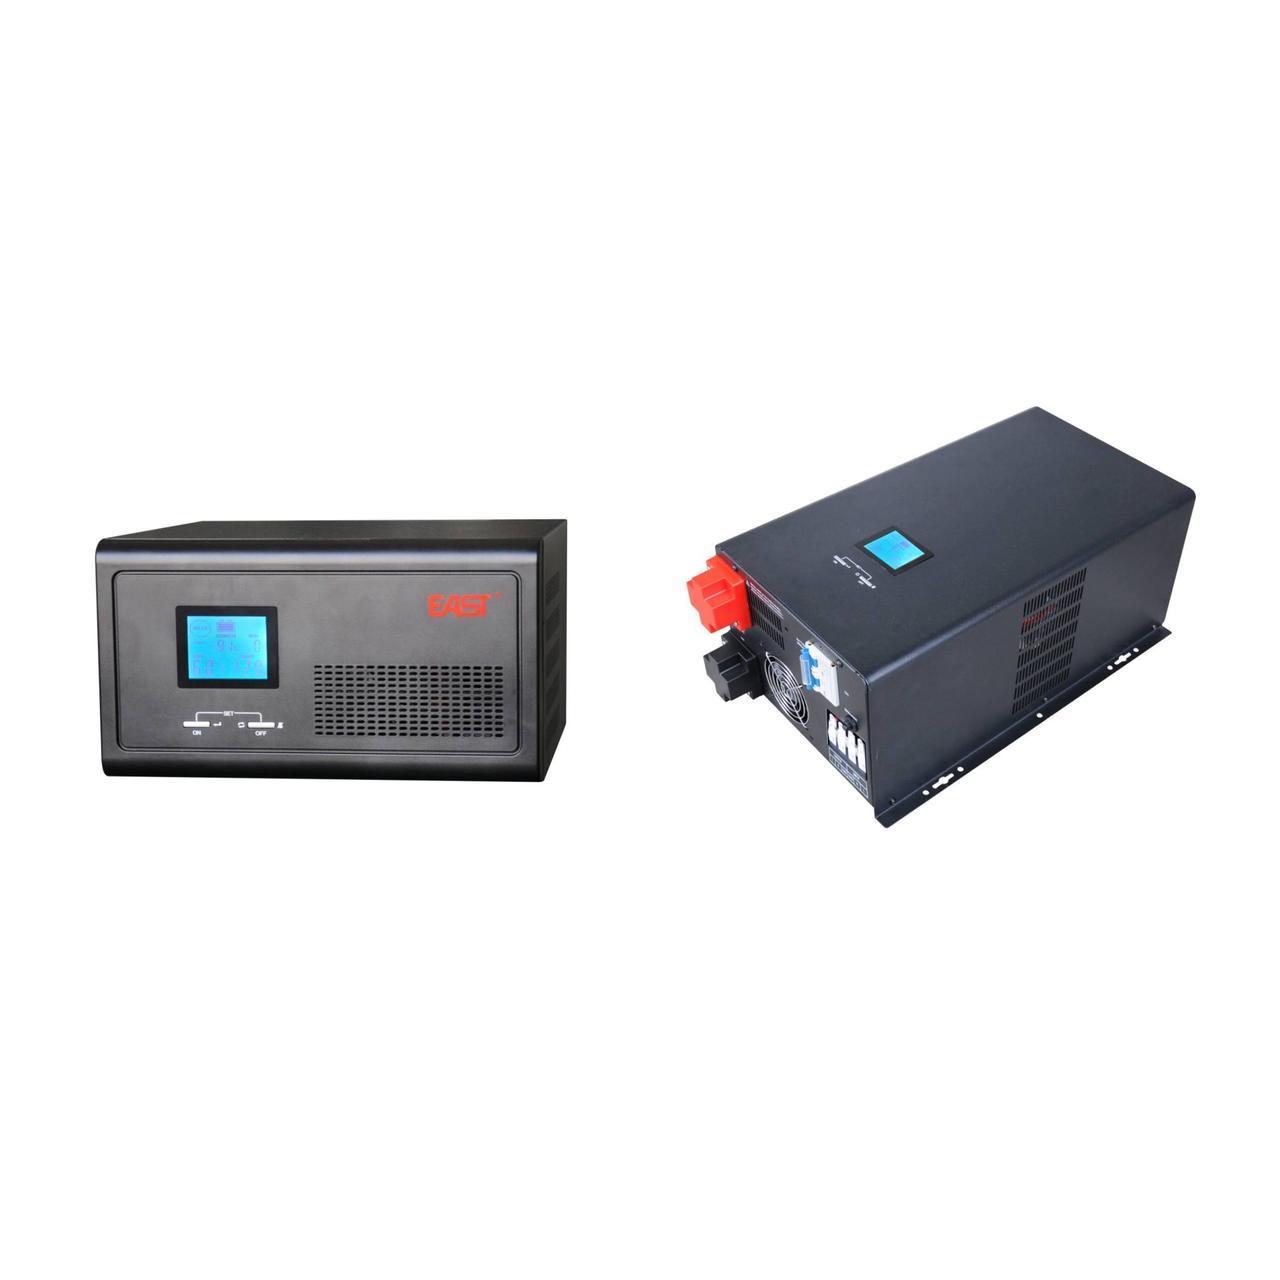 Инвертор, 600Вт, источник бесперебойного питания, работающие от внешних аккумуляторных батарей.